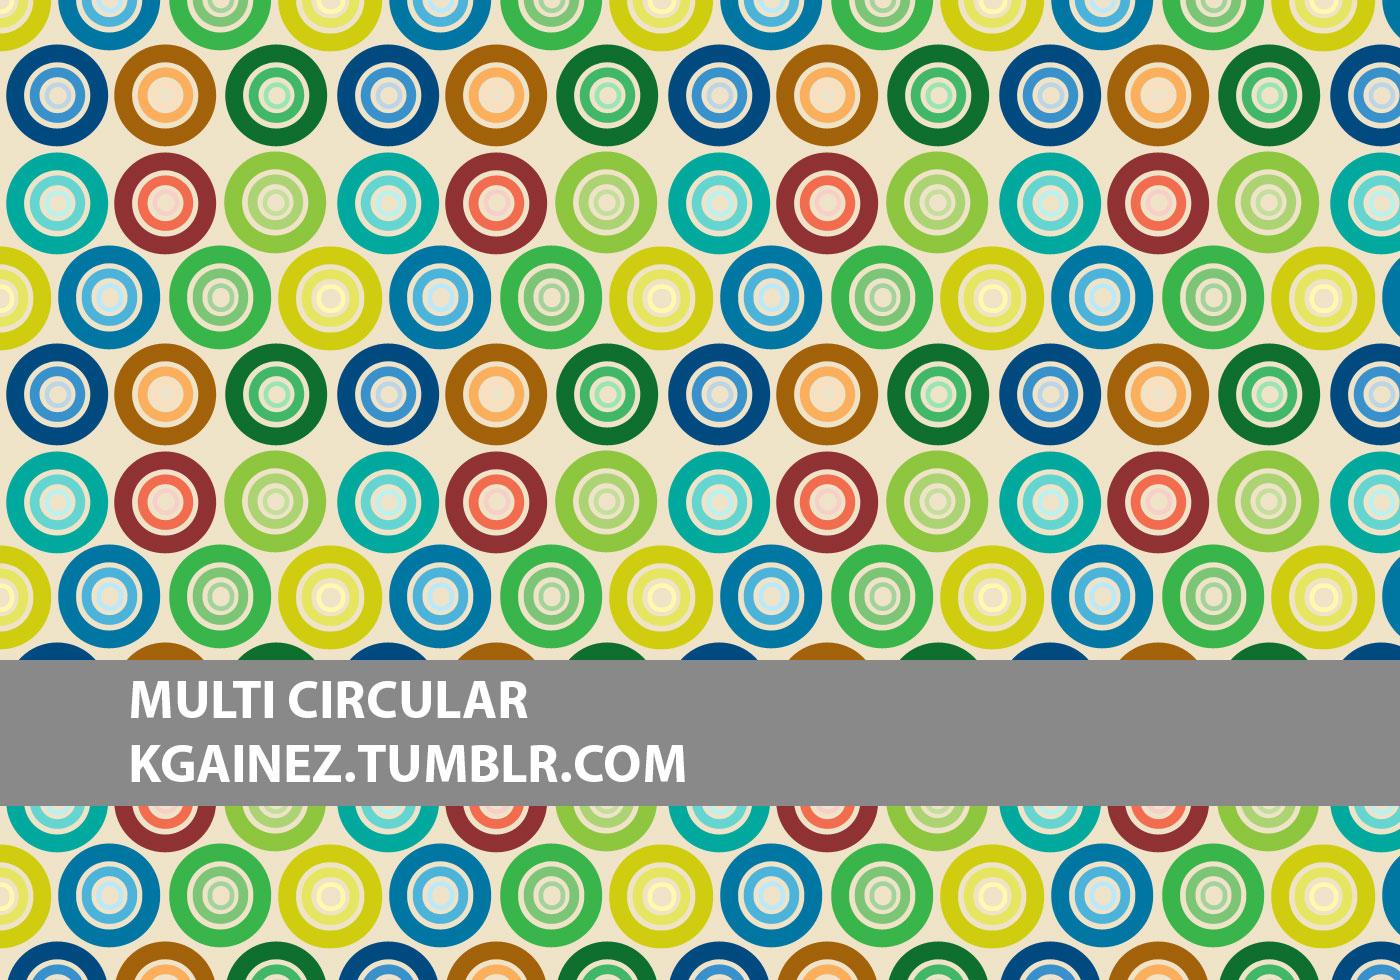 Multi-circular-pattern-photoshop-patterns